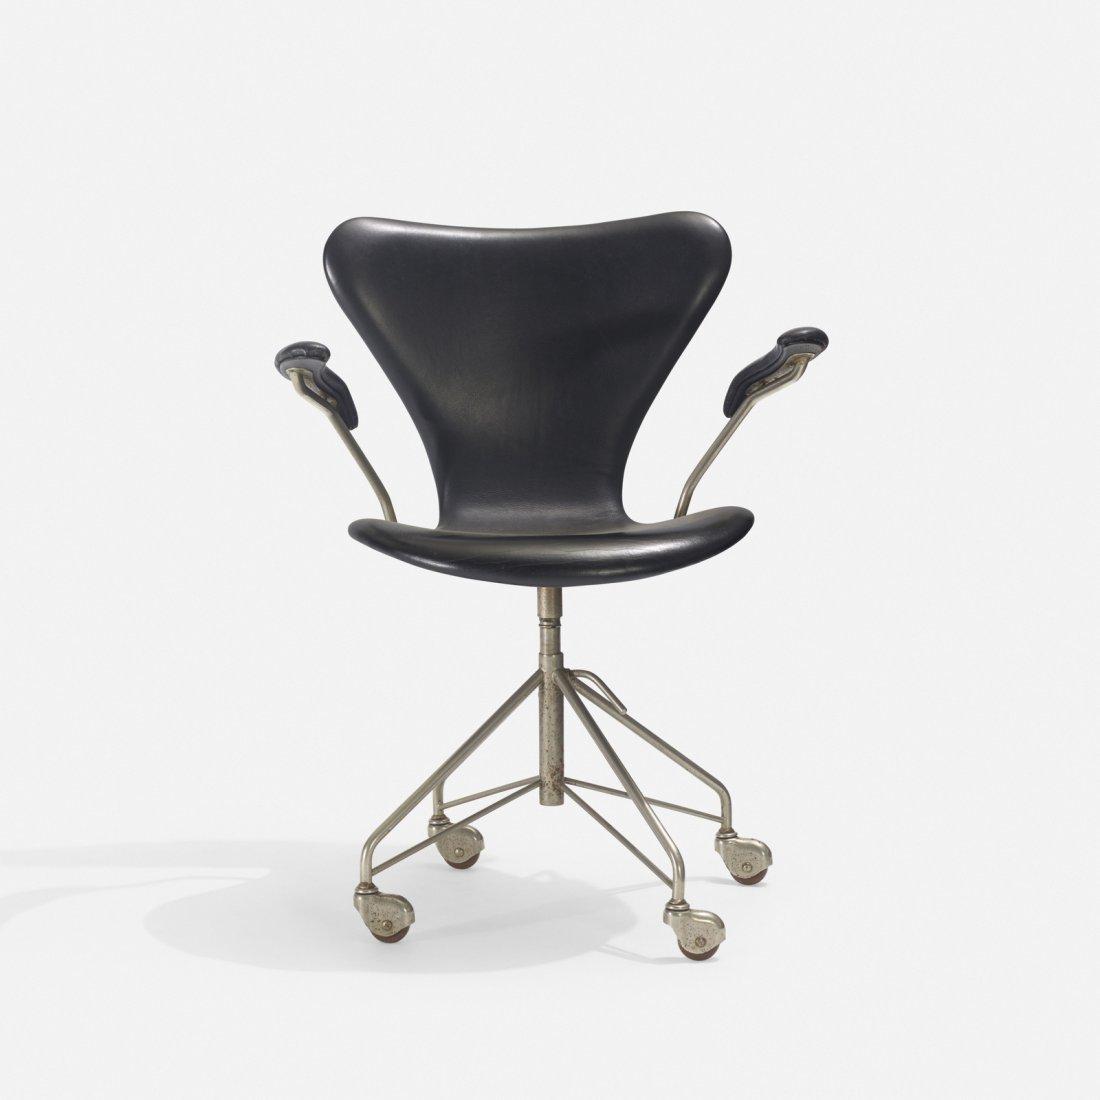 Arne Jacobsen, Sevener desk chair, model 3117